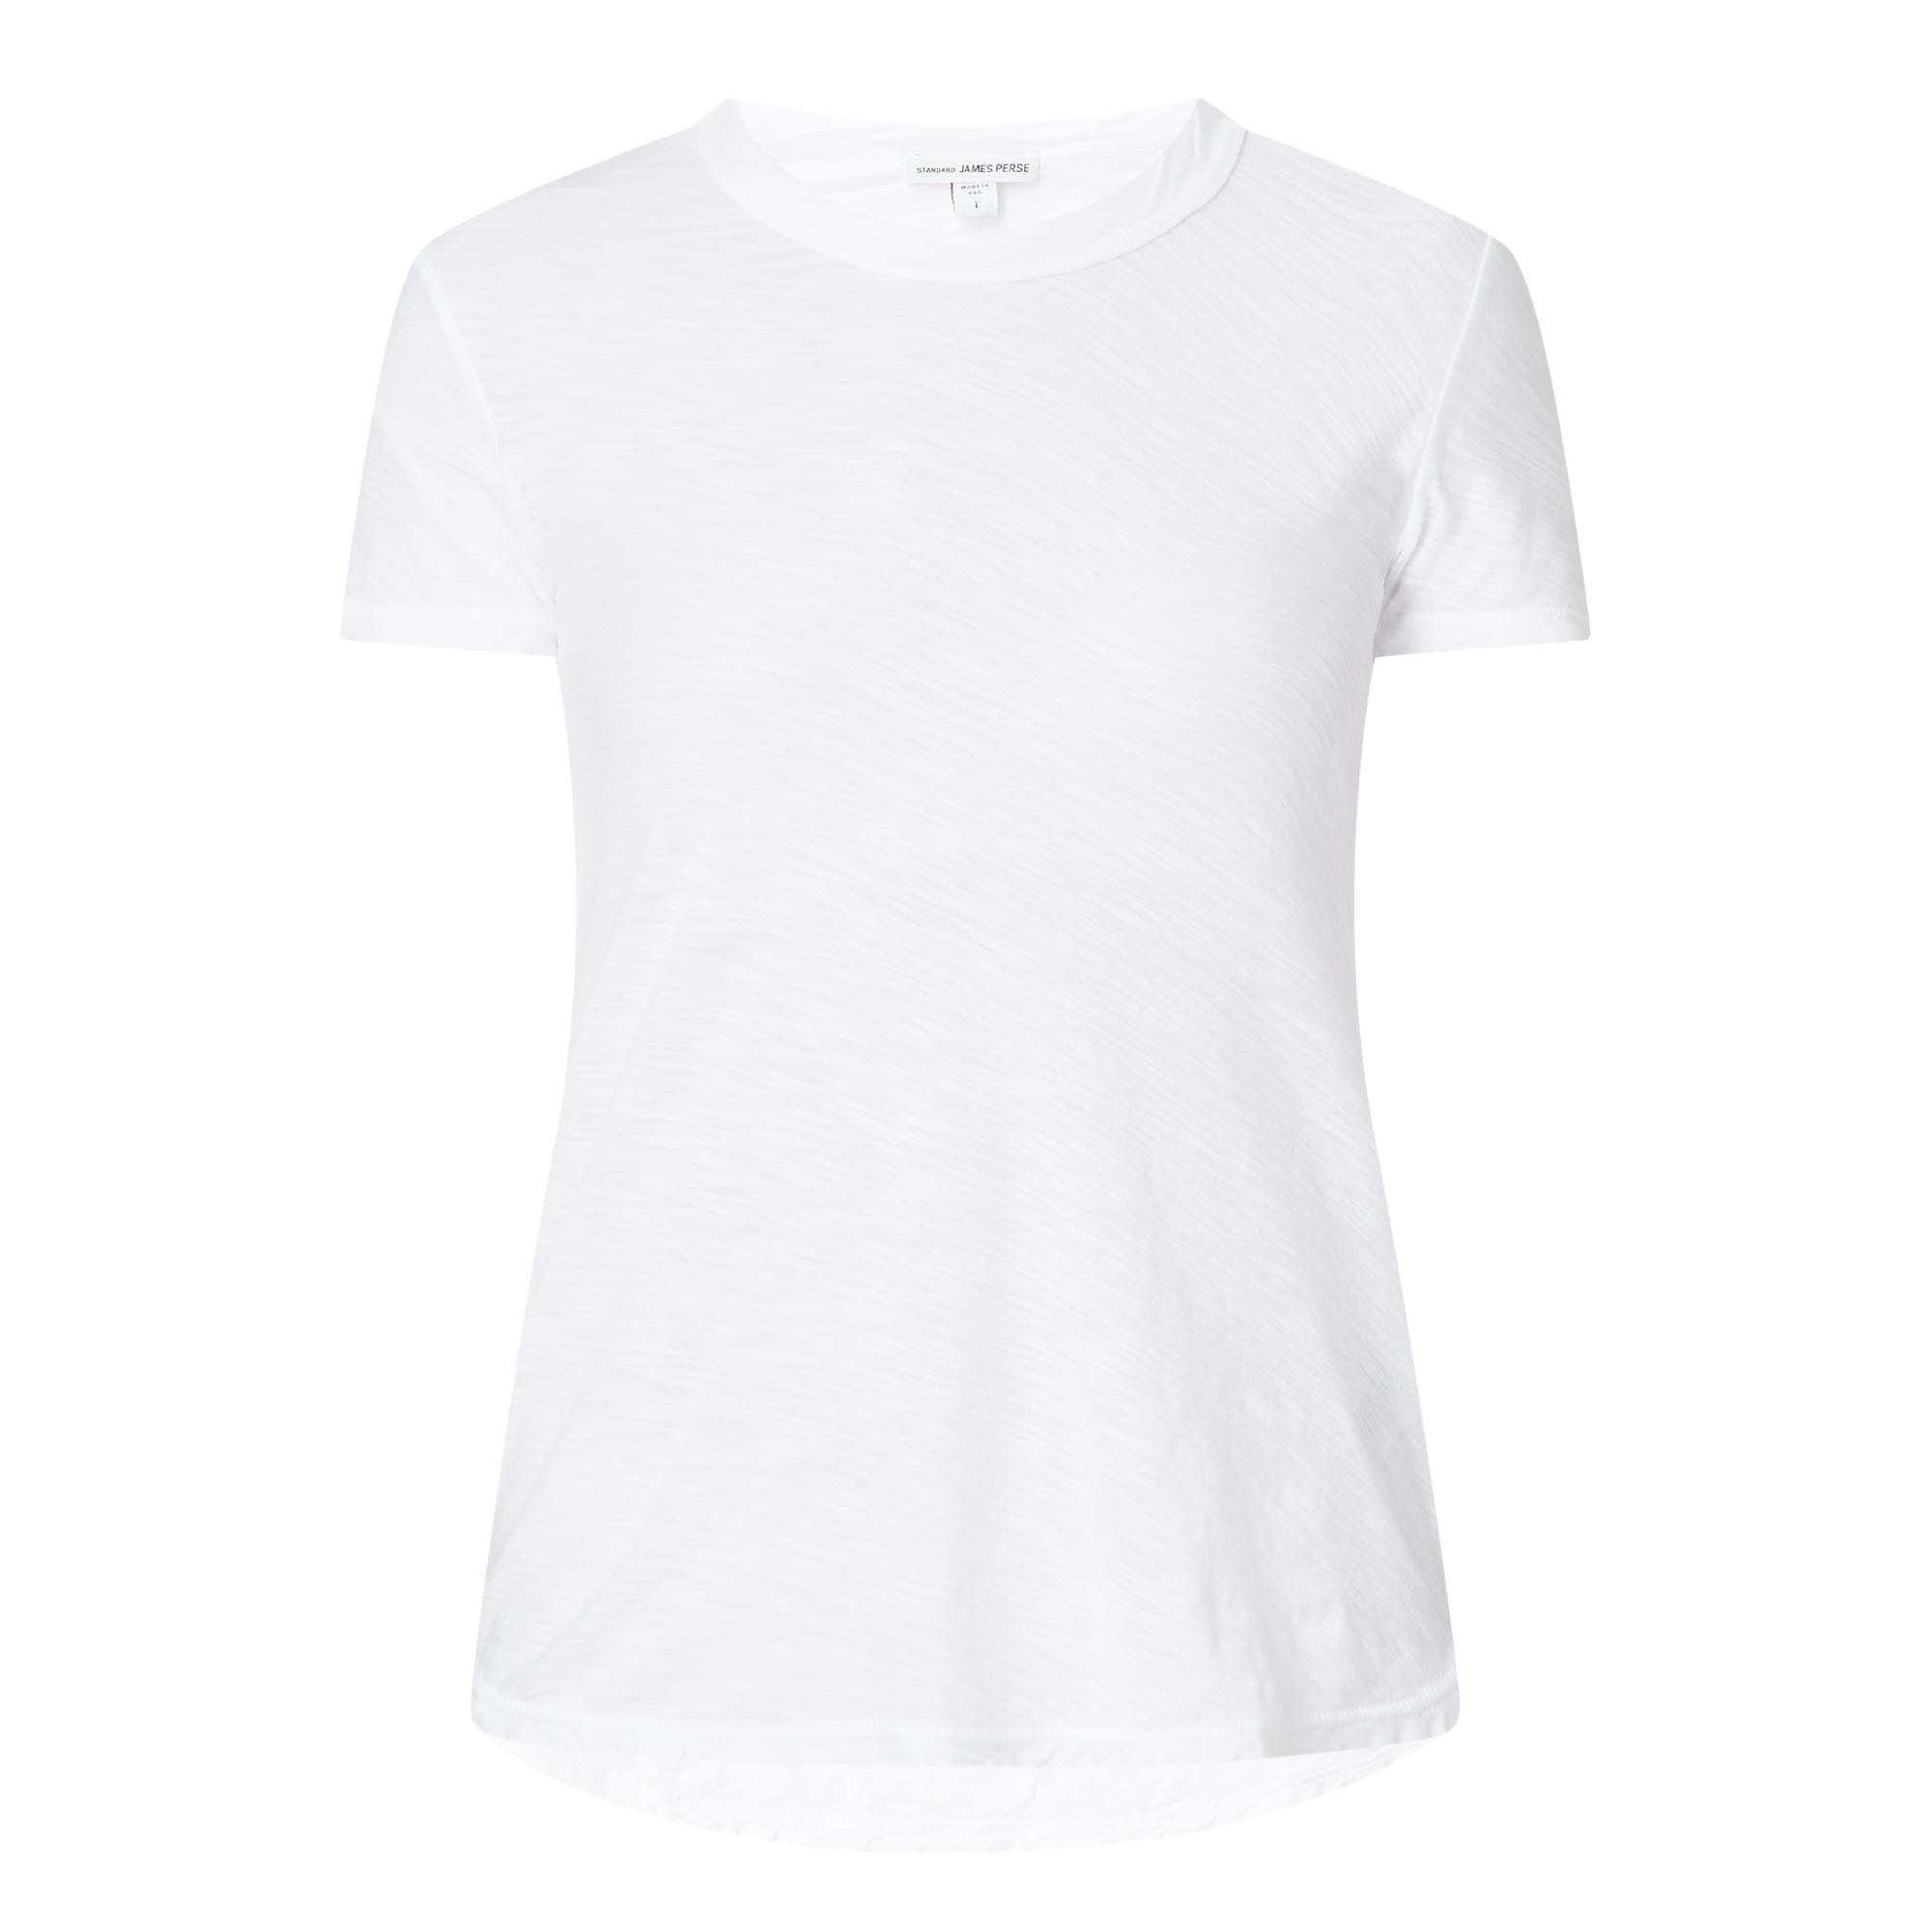 Sheer Slub T-shirt